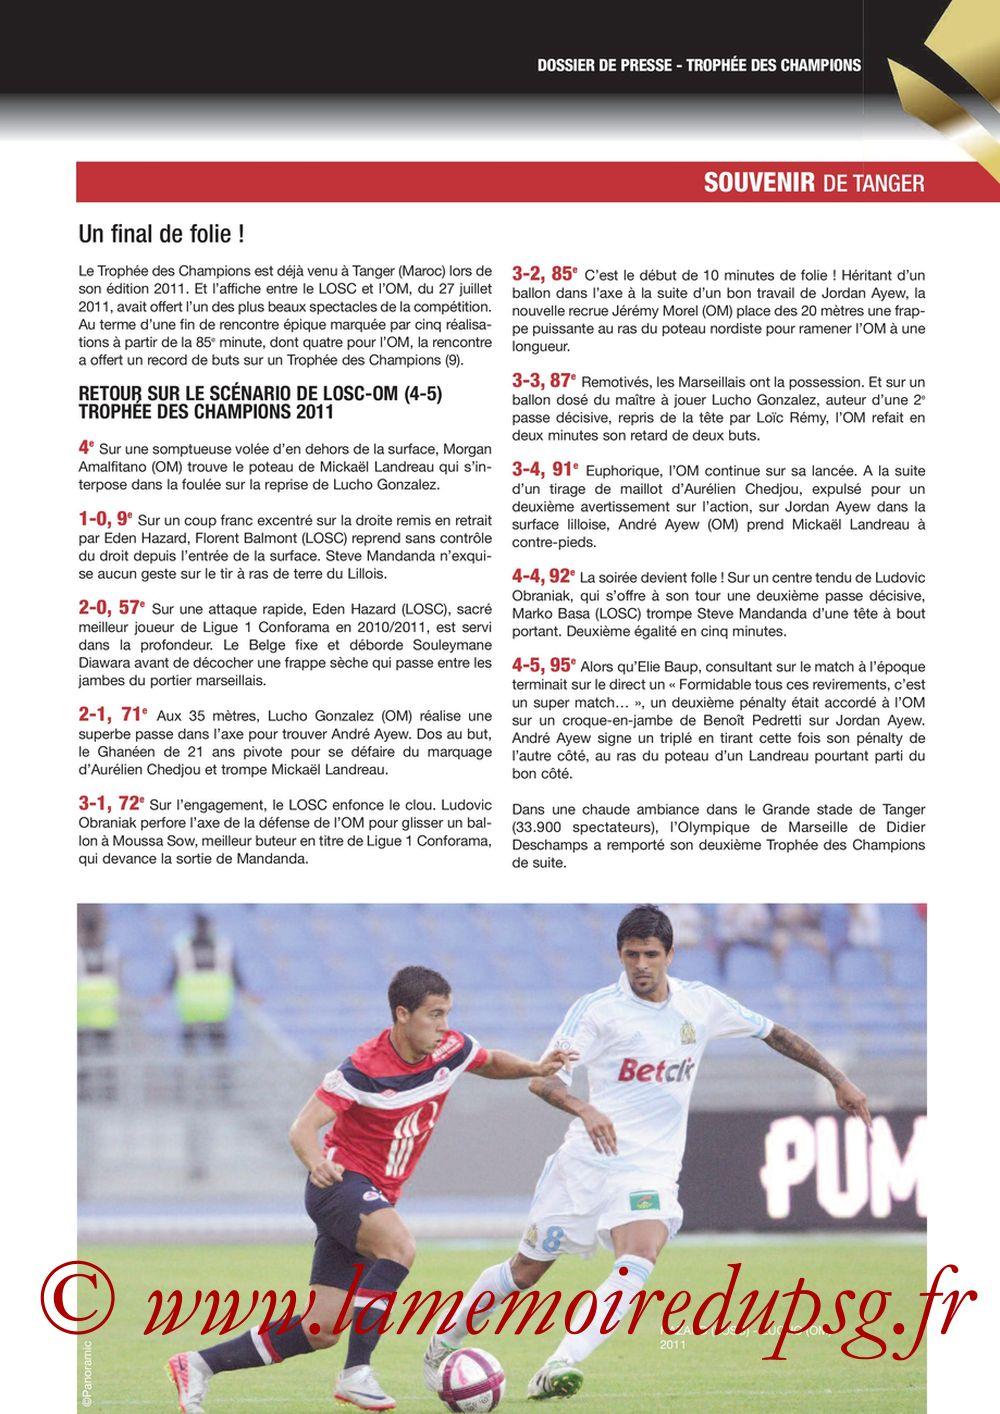 2017-07-29  Monaco-PSG (Trophée des Champions à Tanger, Dossier de Presse) - Page 07